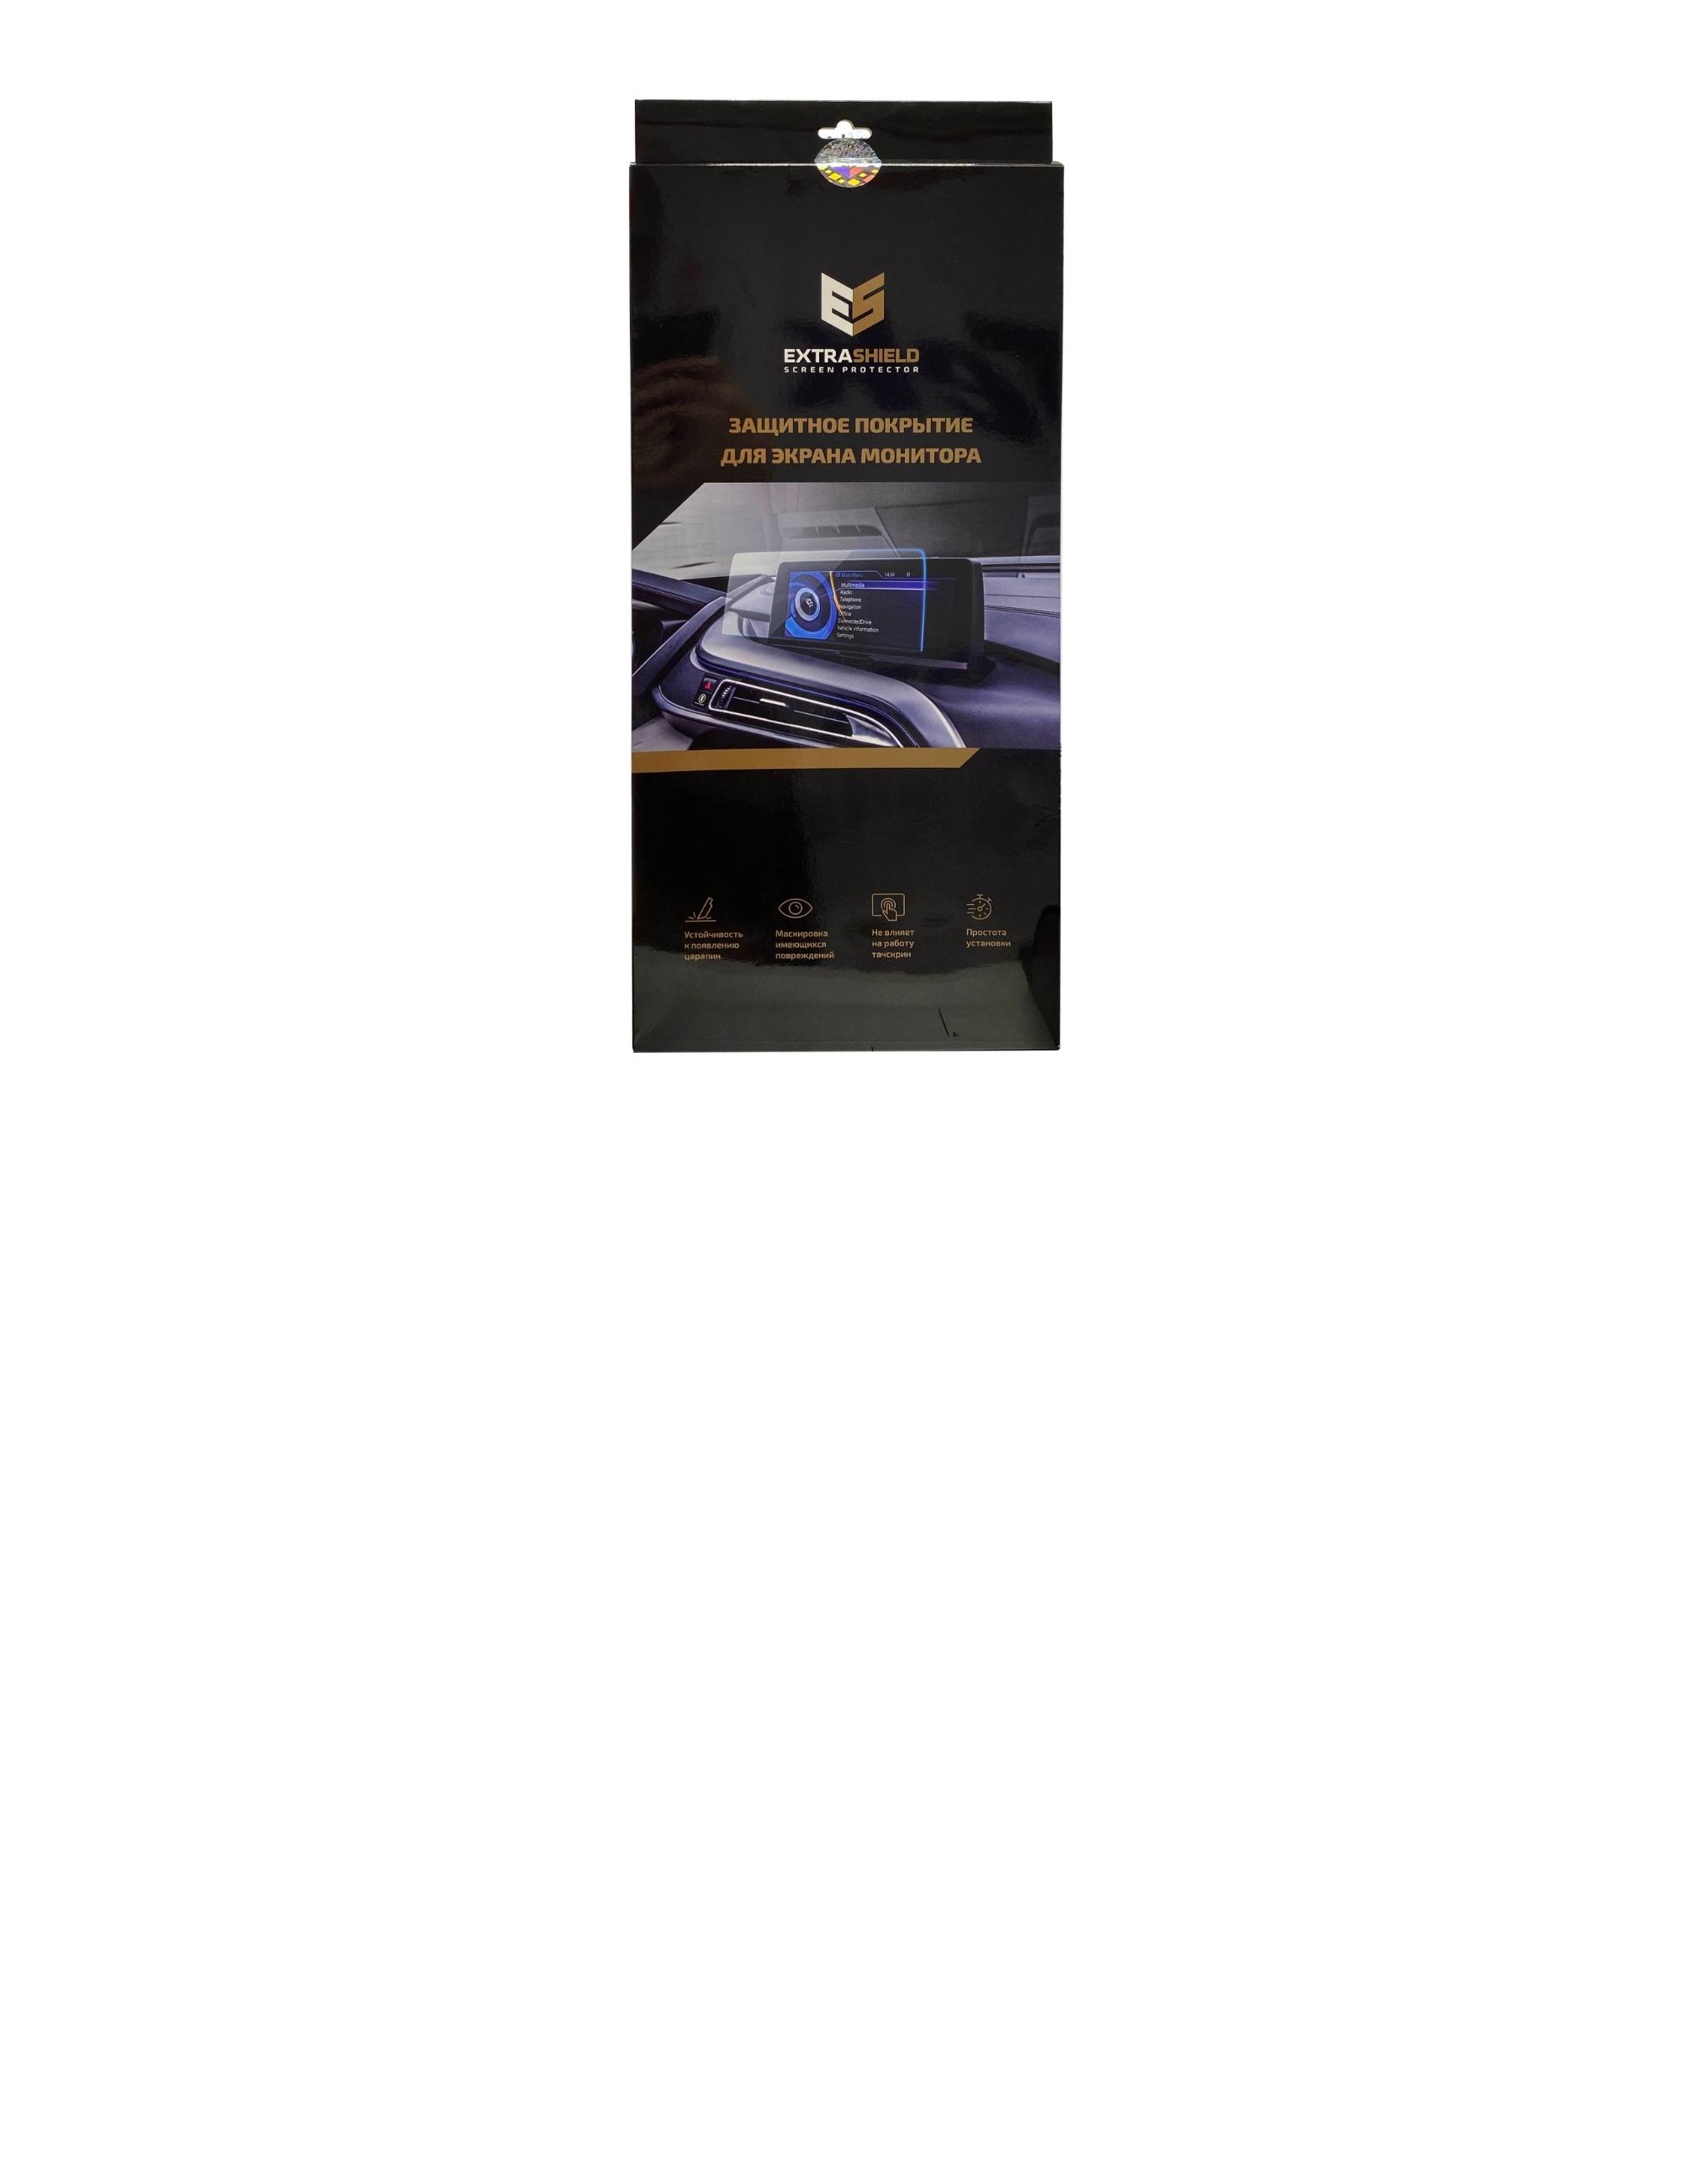 Mercedes-Benz GLS (W167) 2019 - н.в. приборная панель+мультимедиа 12,3 Защитное стекло Матовая